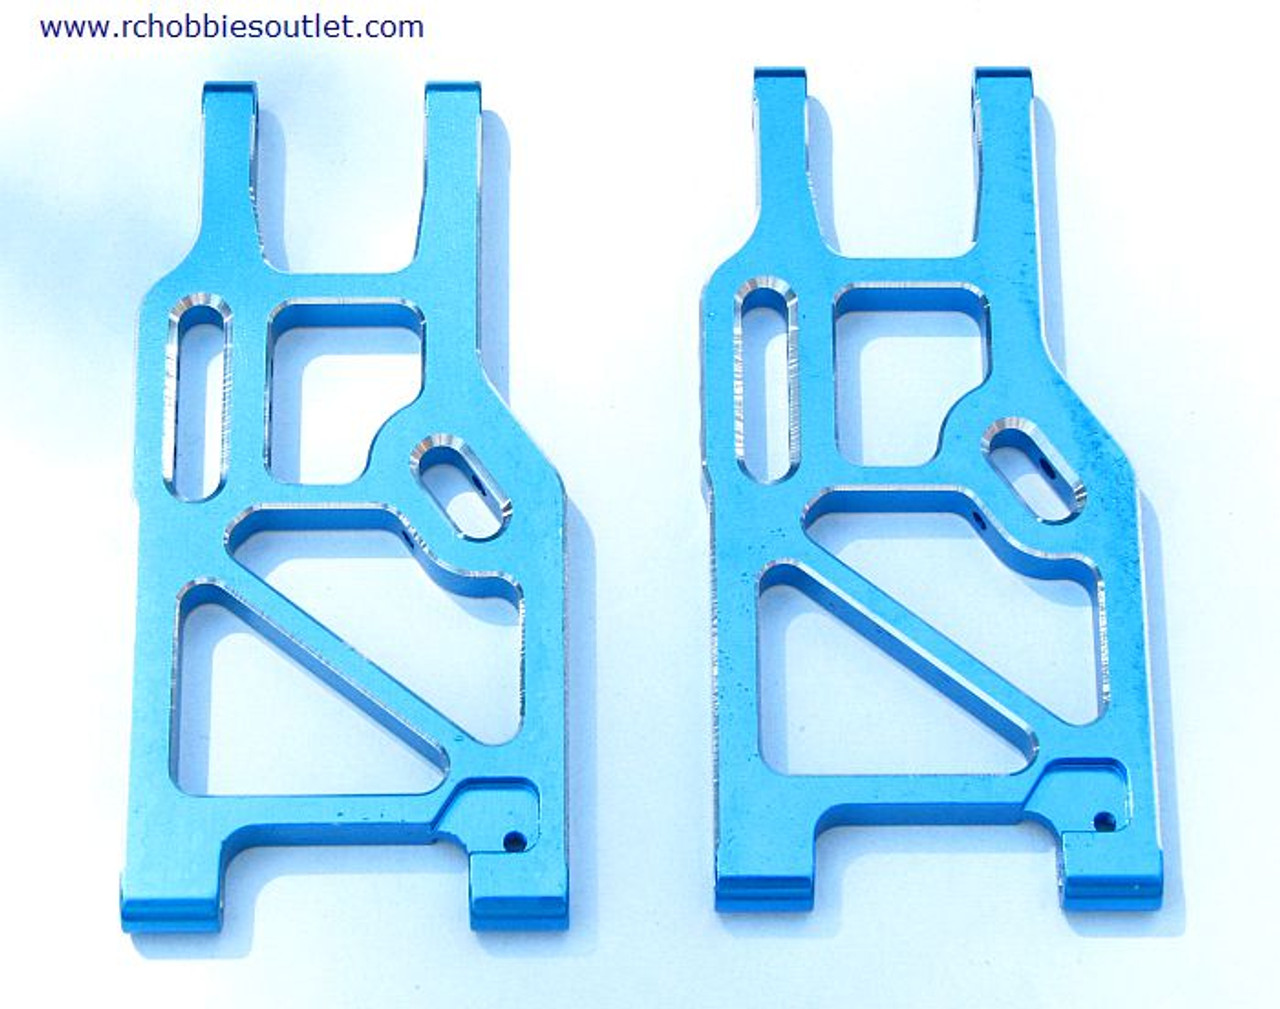 860003 Front Lower Suspension Arm (Al.) 2P Blue 760003